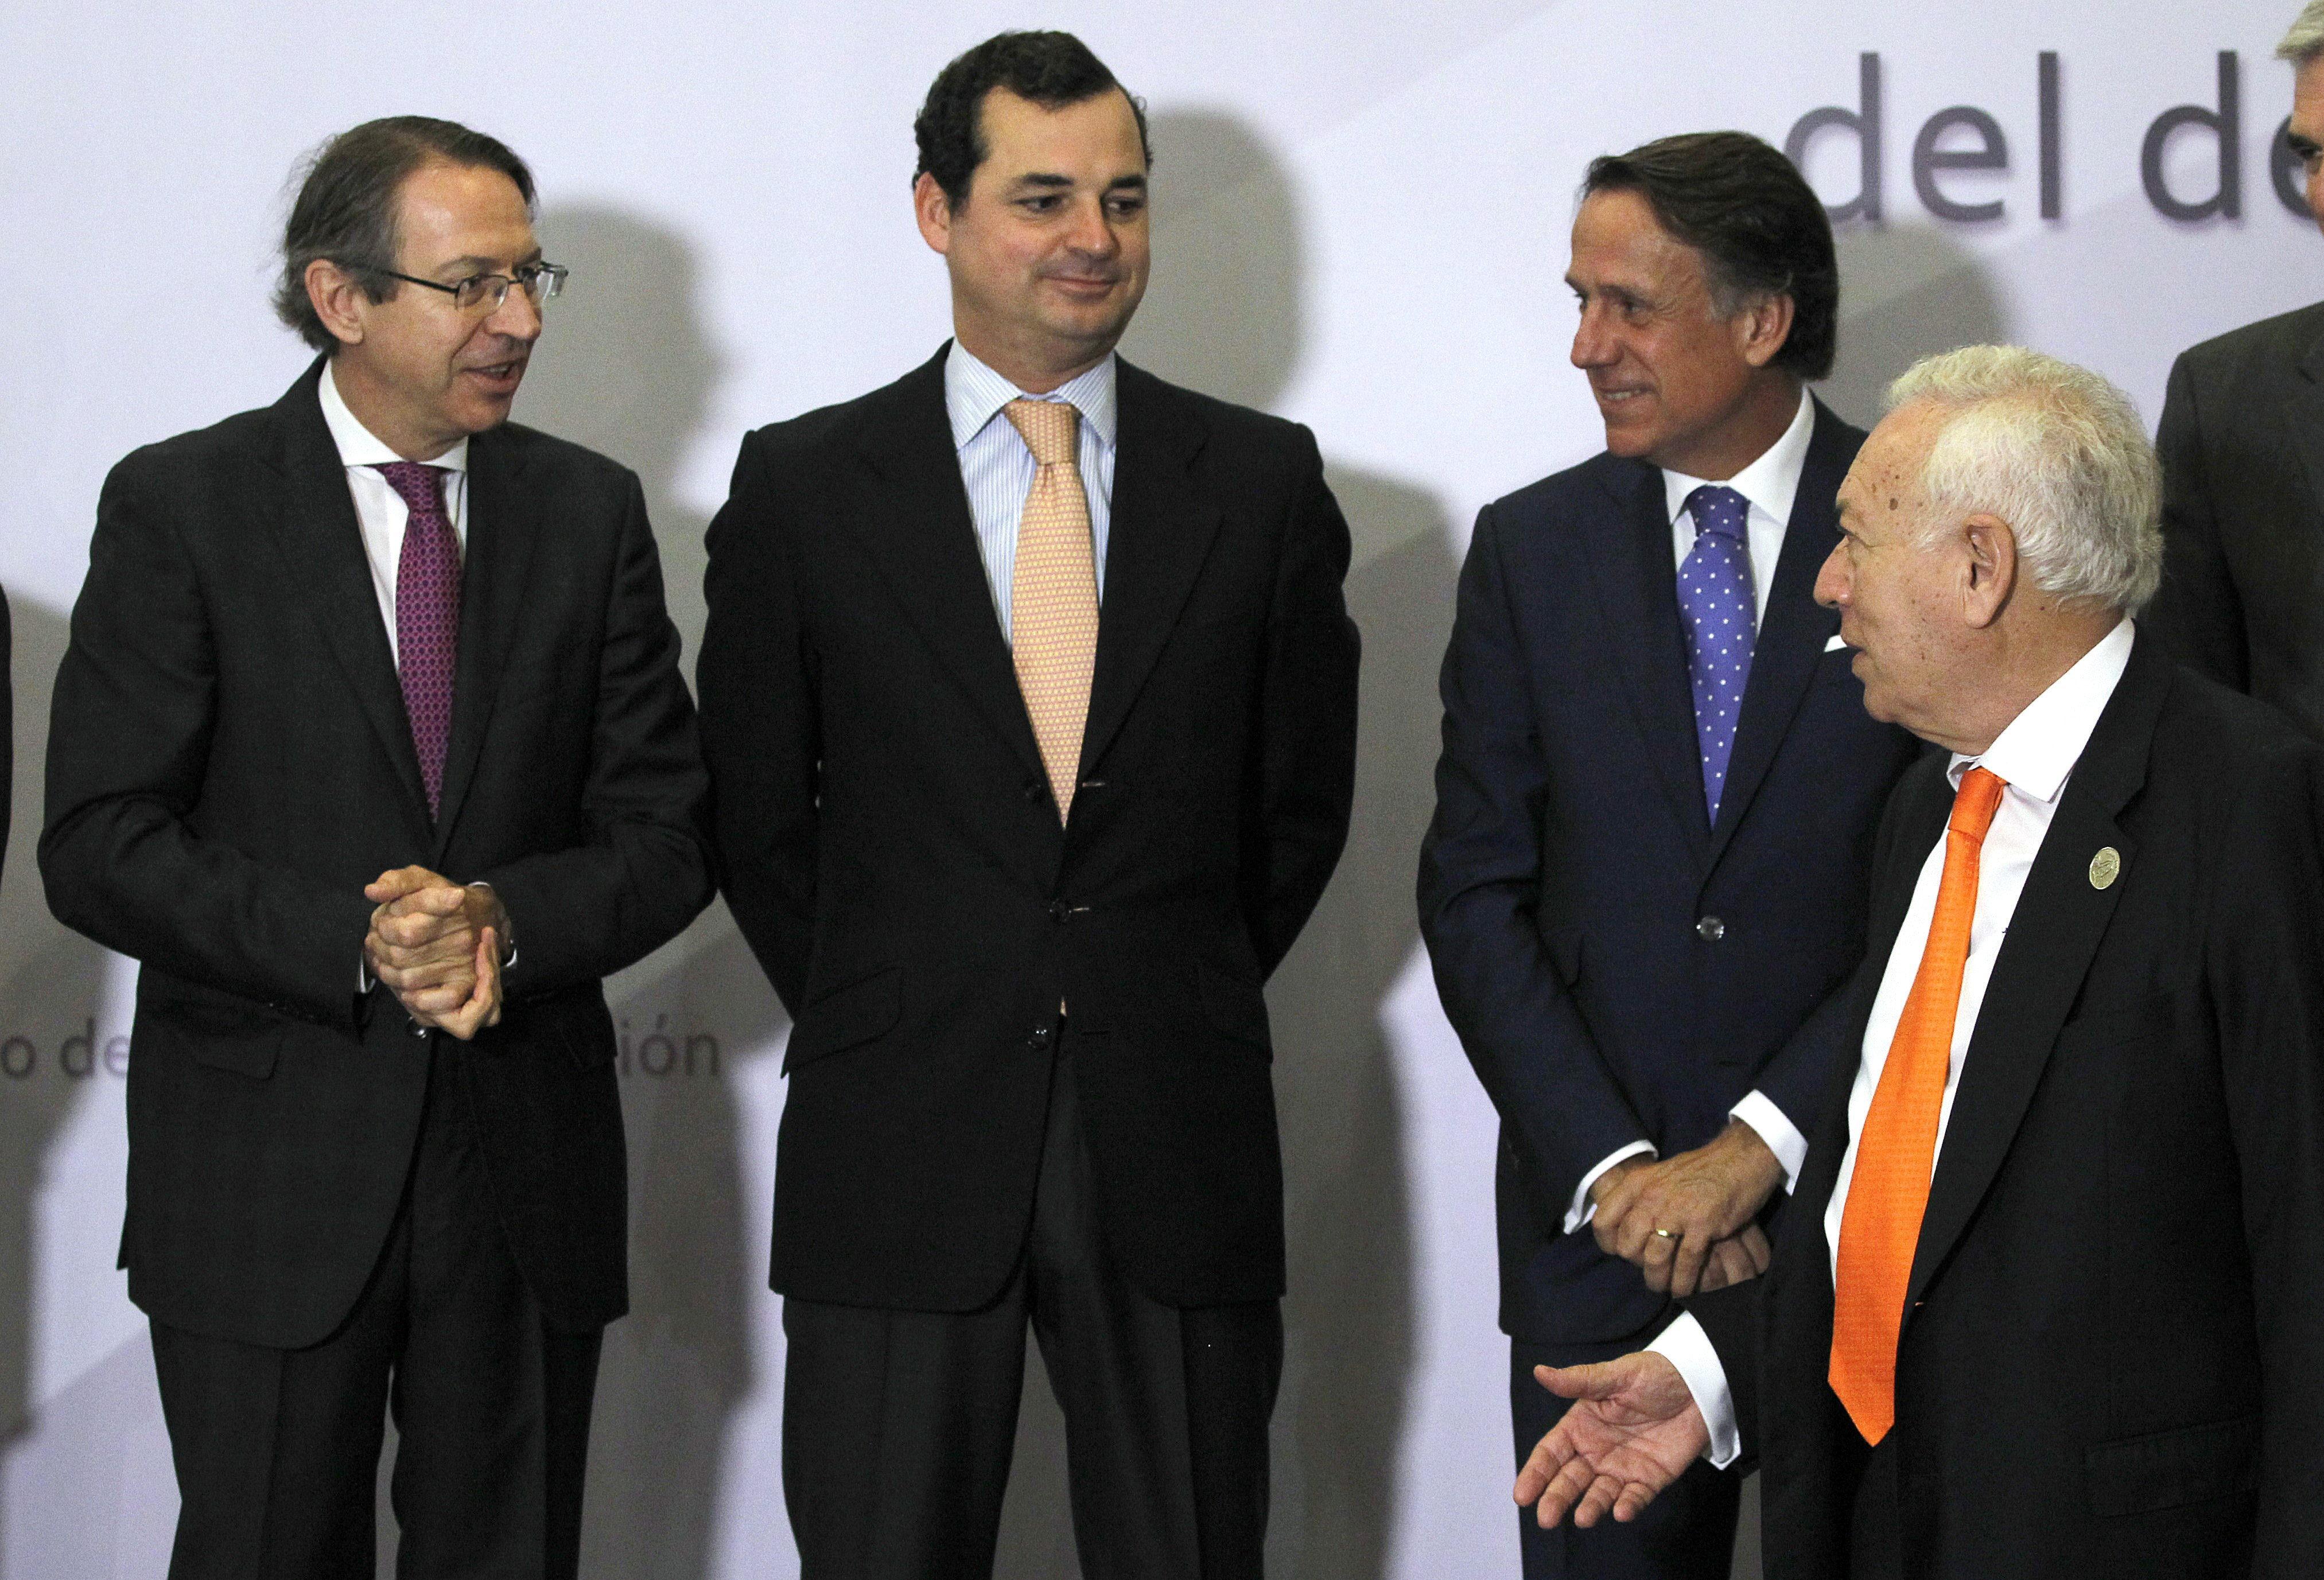 Los medios en español apuestan por aunar fuerzas para ampliar sus mercados